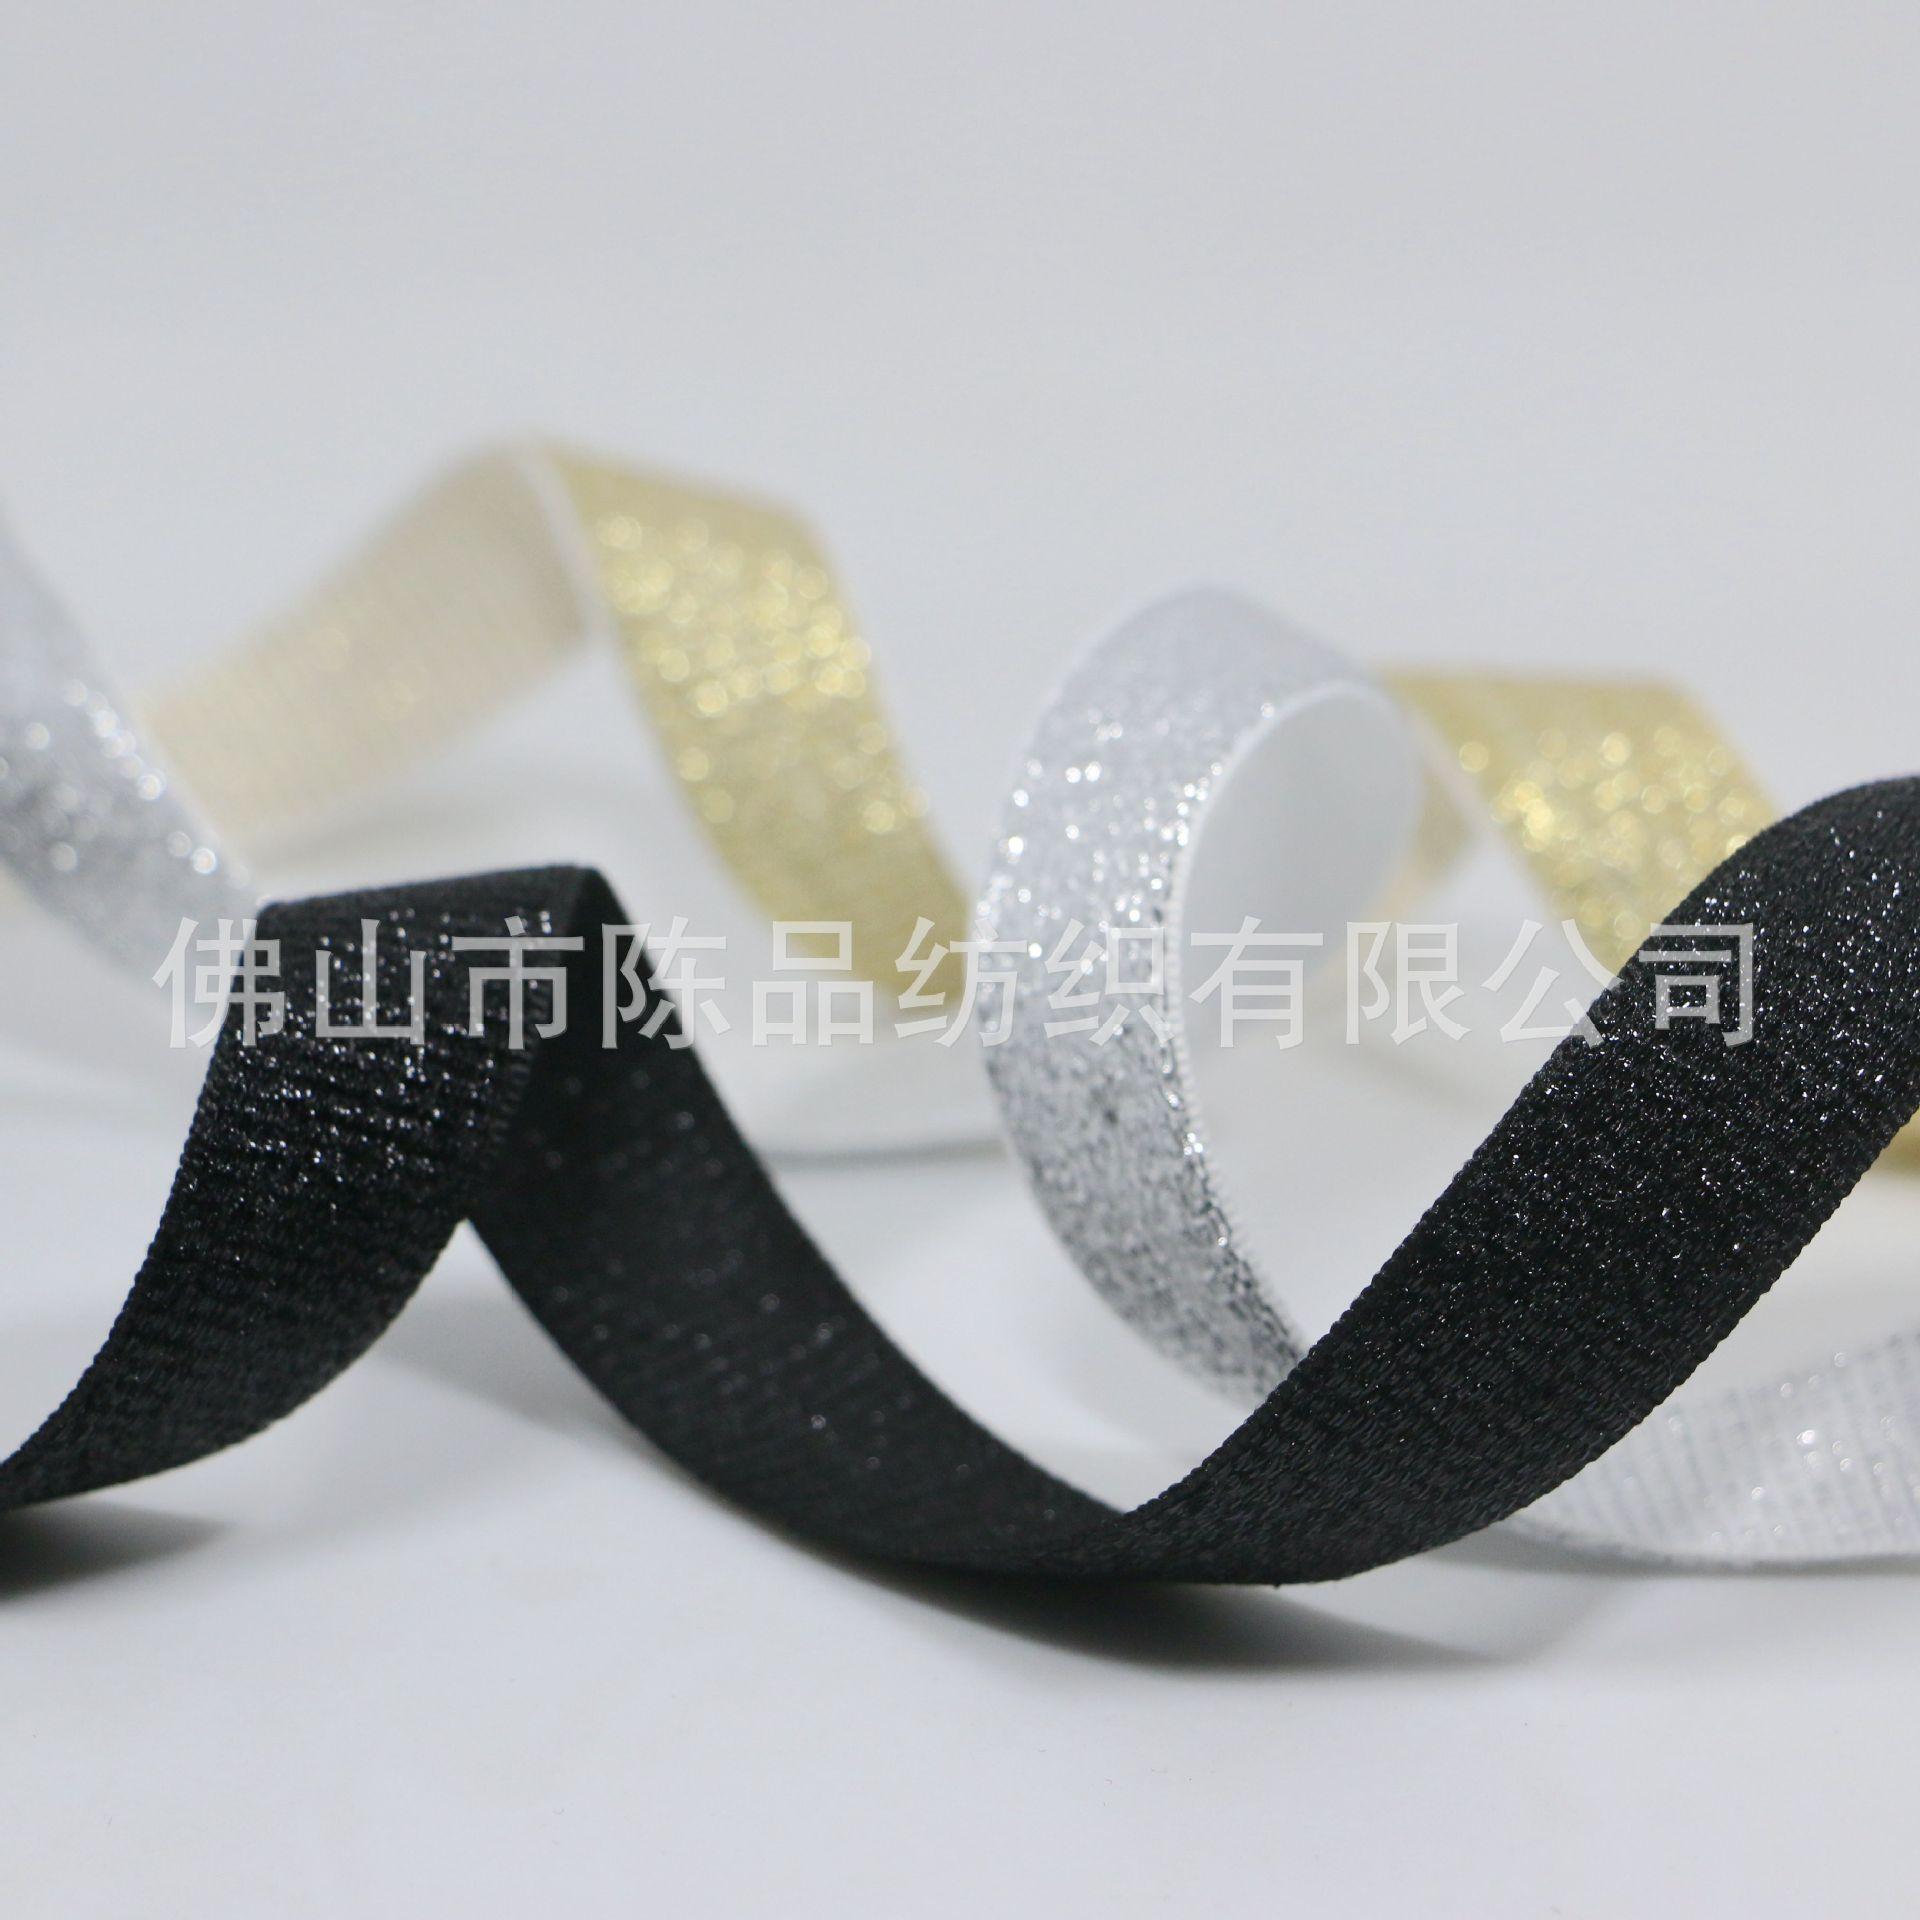 2CM宽彩葱带金银带糖盒包装小花DIY辅料礼品包装织带厂家直销